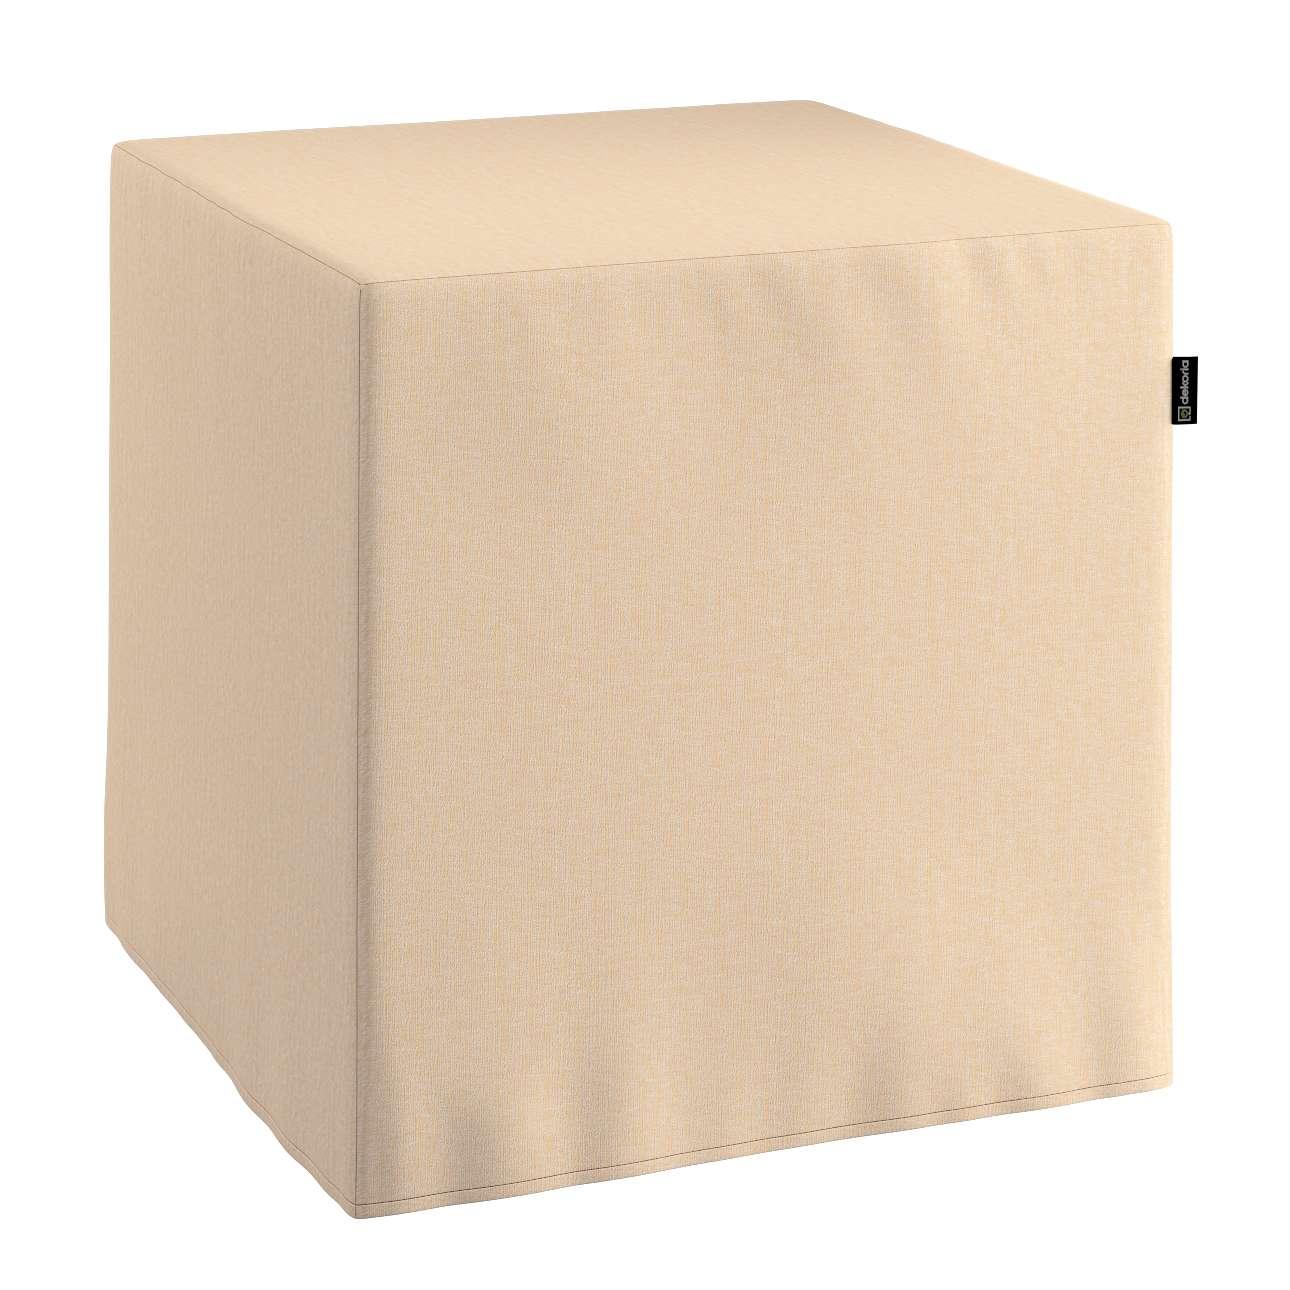 Bezug für Sitzwürfel Bezug für Sitzwürfel 40x40x40 cm von der Kollektion Chenille , Stoff: 702-22